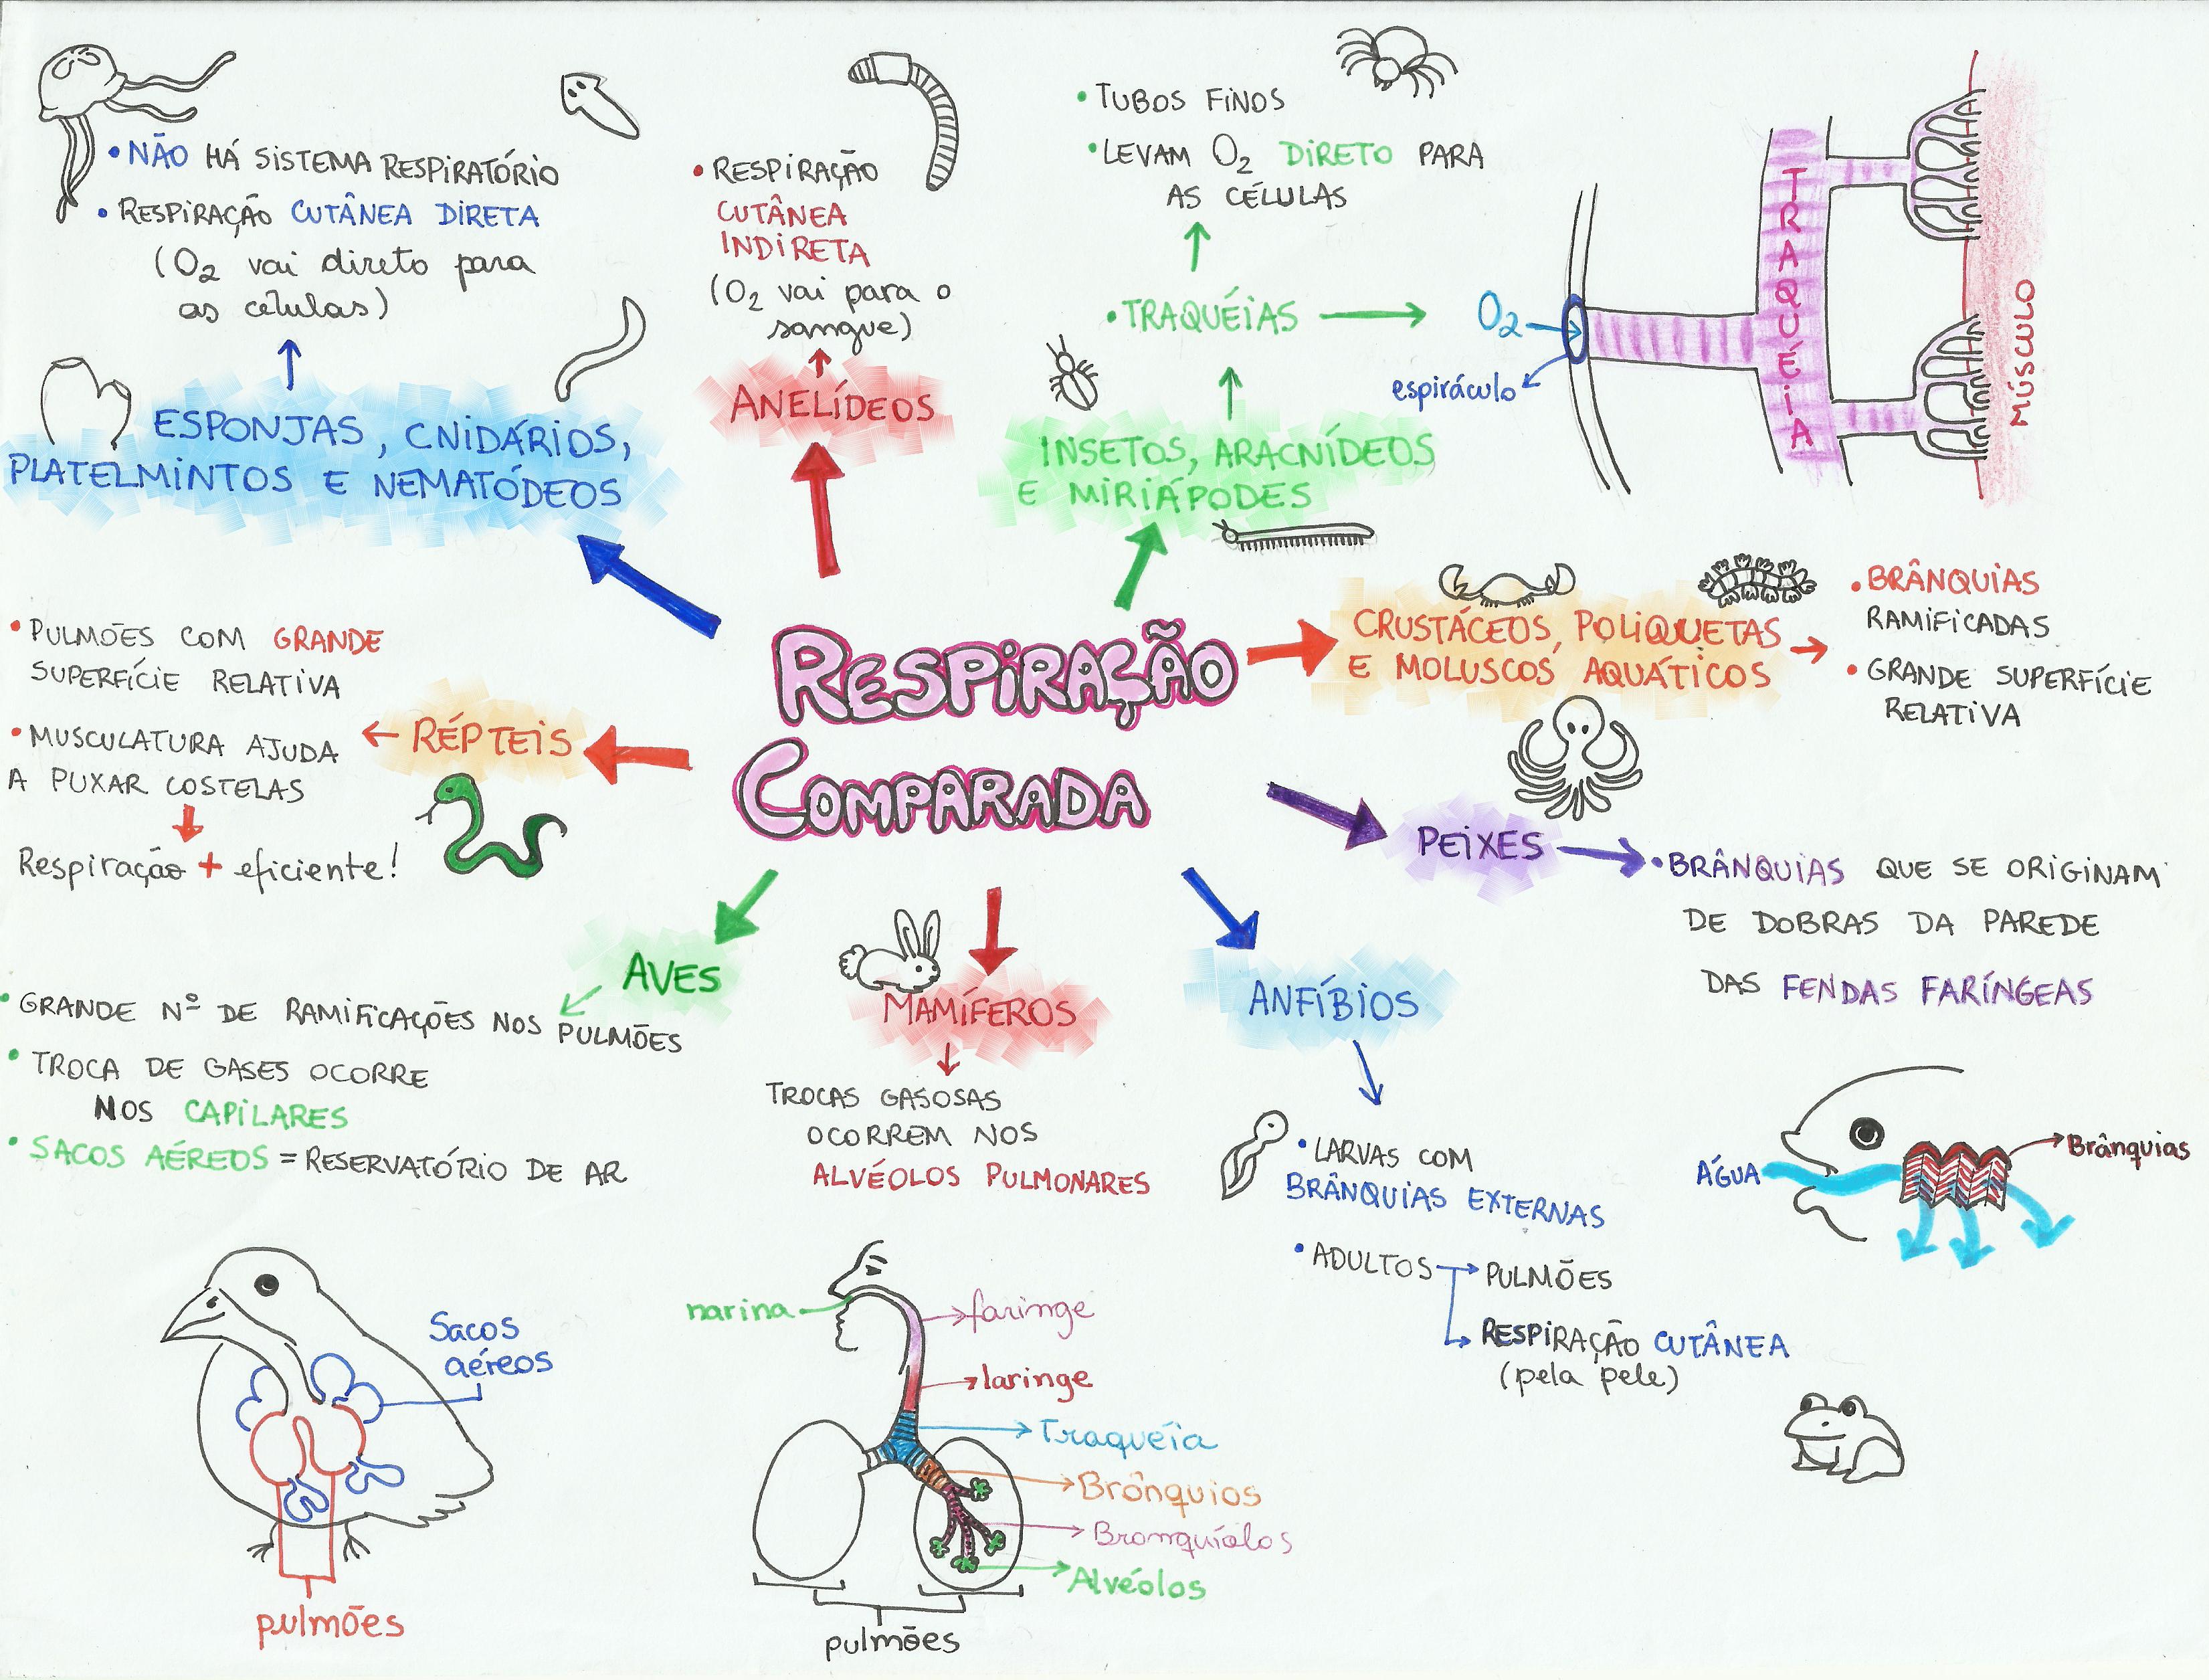 Mapa Mental: Respiração Comparada | Biología, Mapas mentales y Anatomía